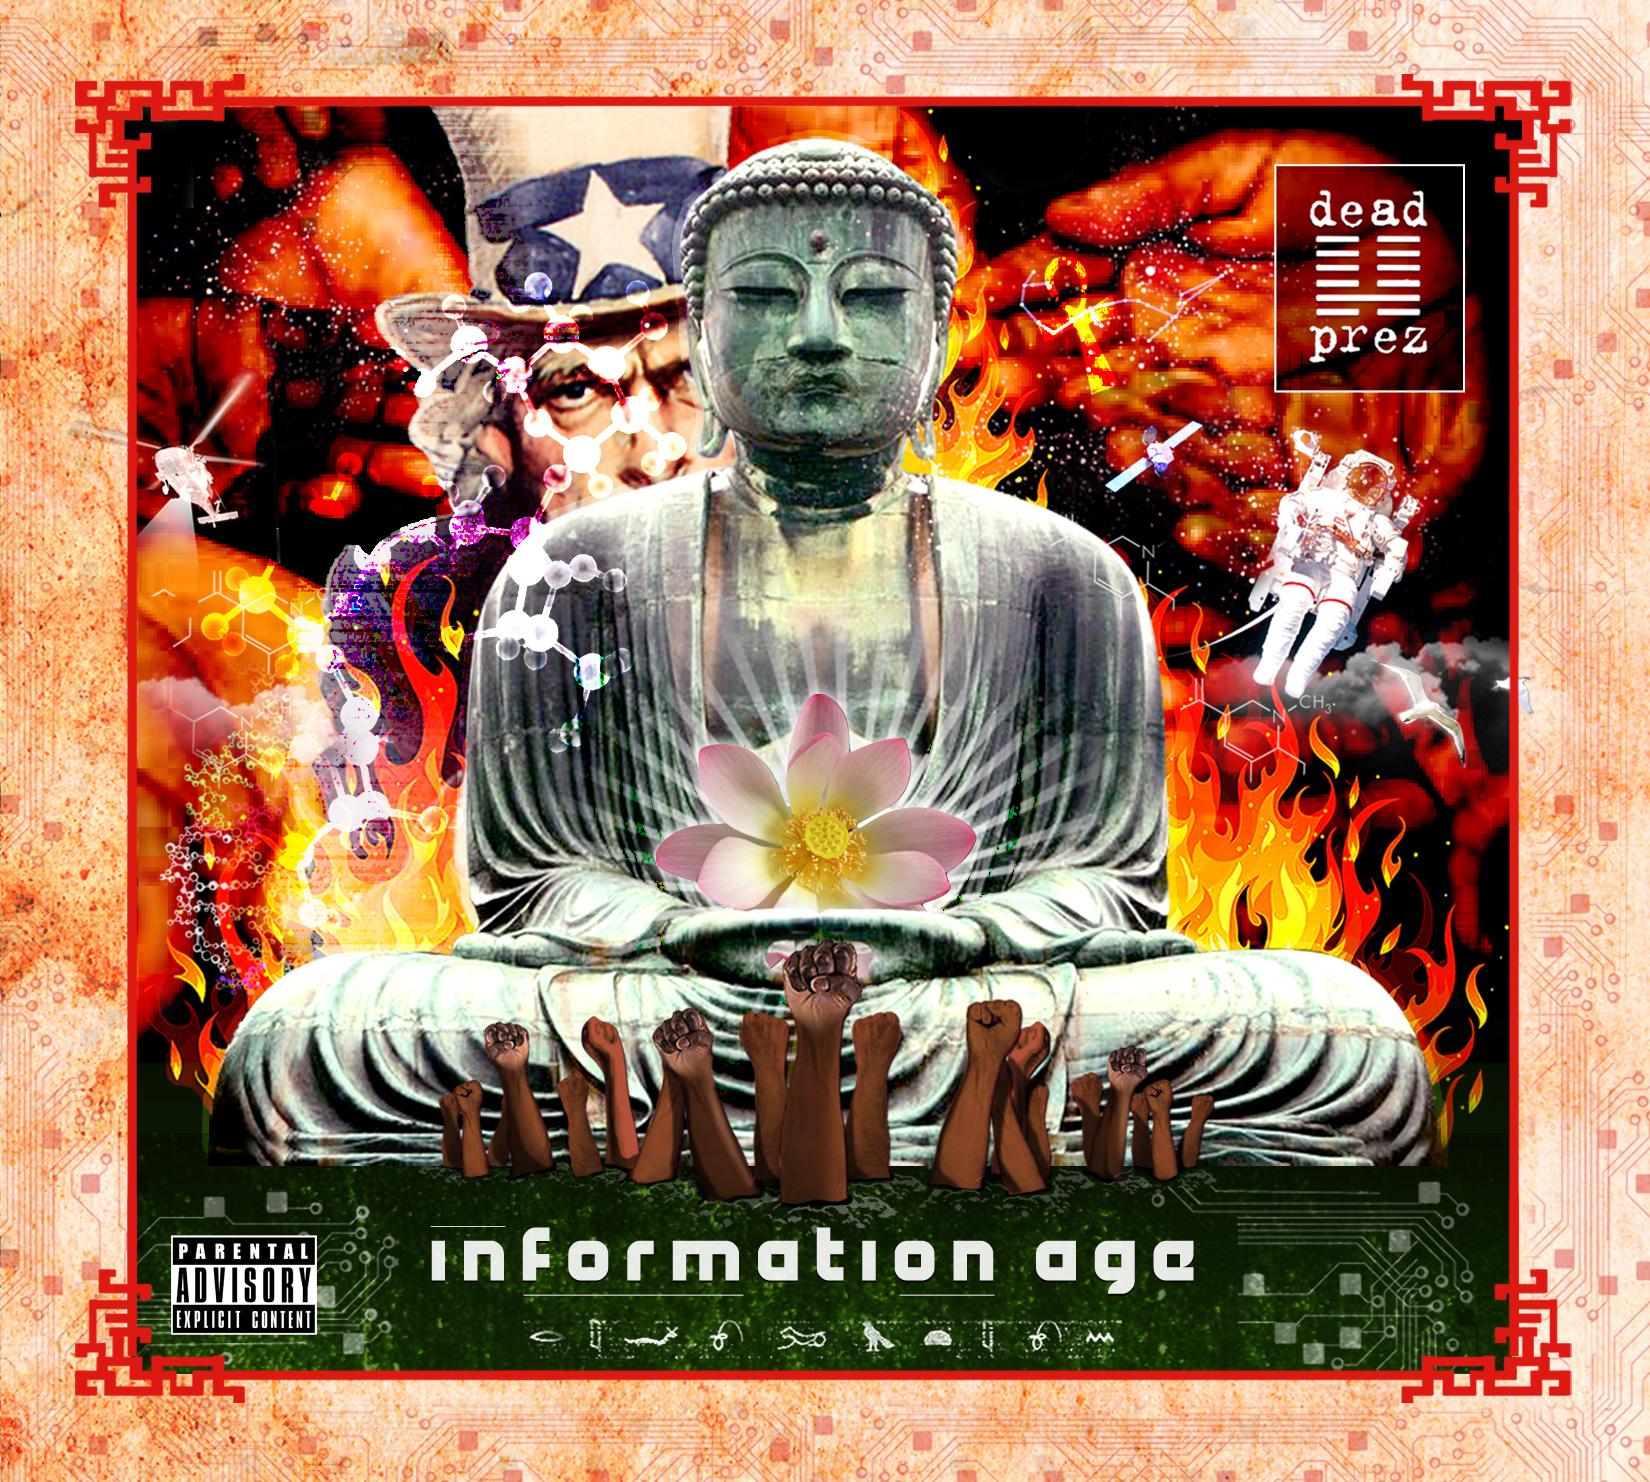 Dead-Prez - Information Age